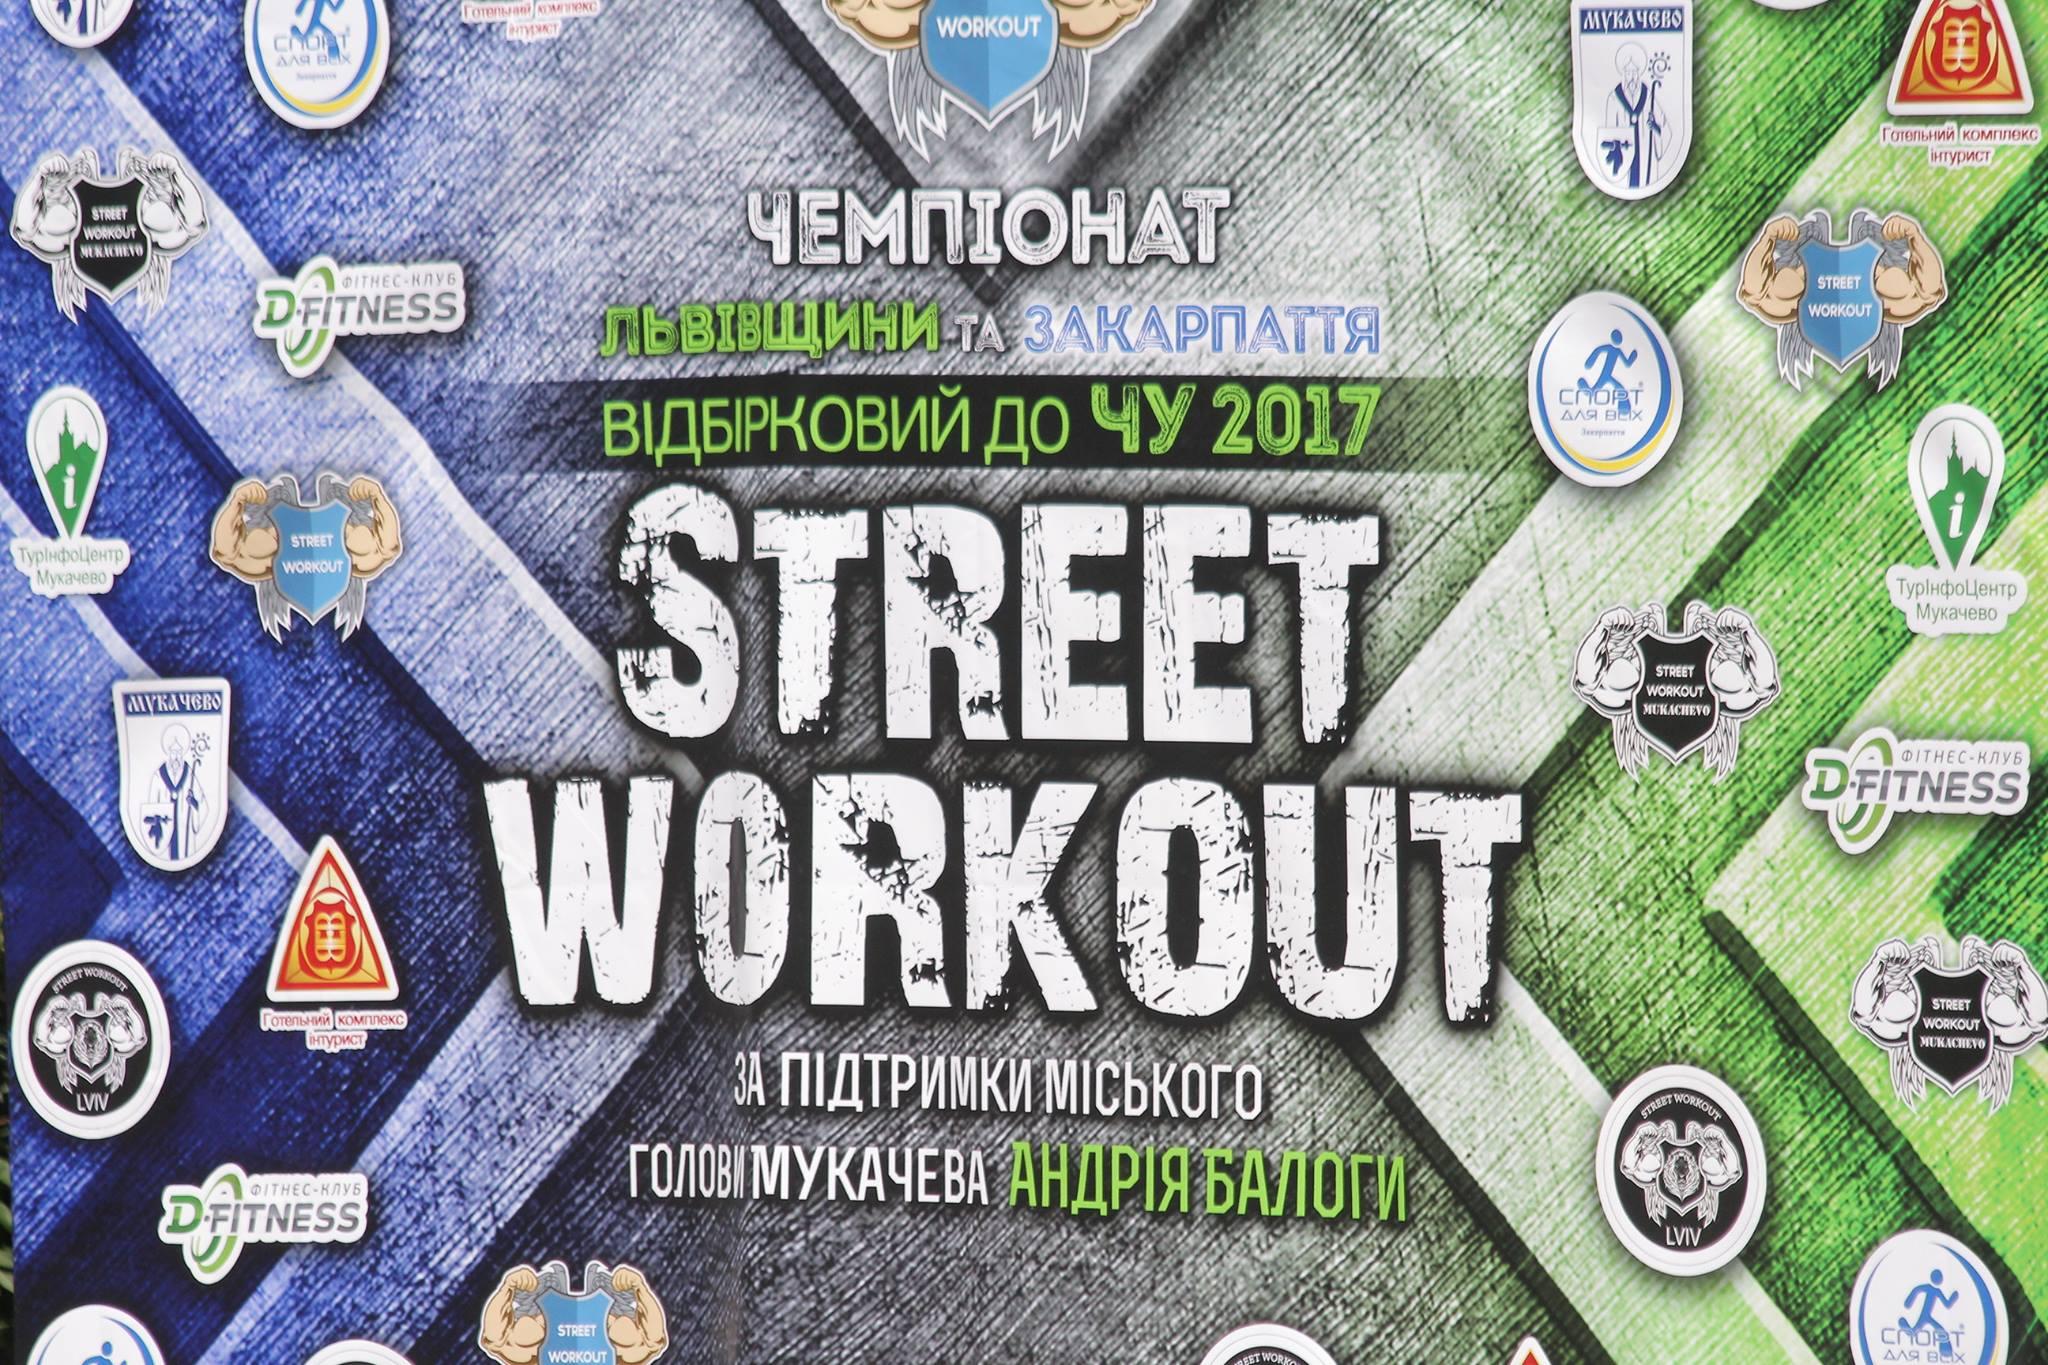 Мукачево. Відбір на Чемпіонат України зі Street Workout-2017.